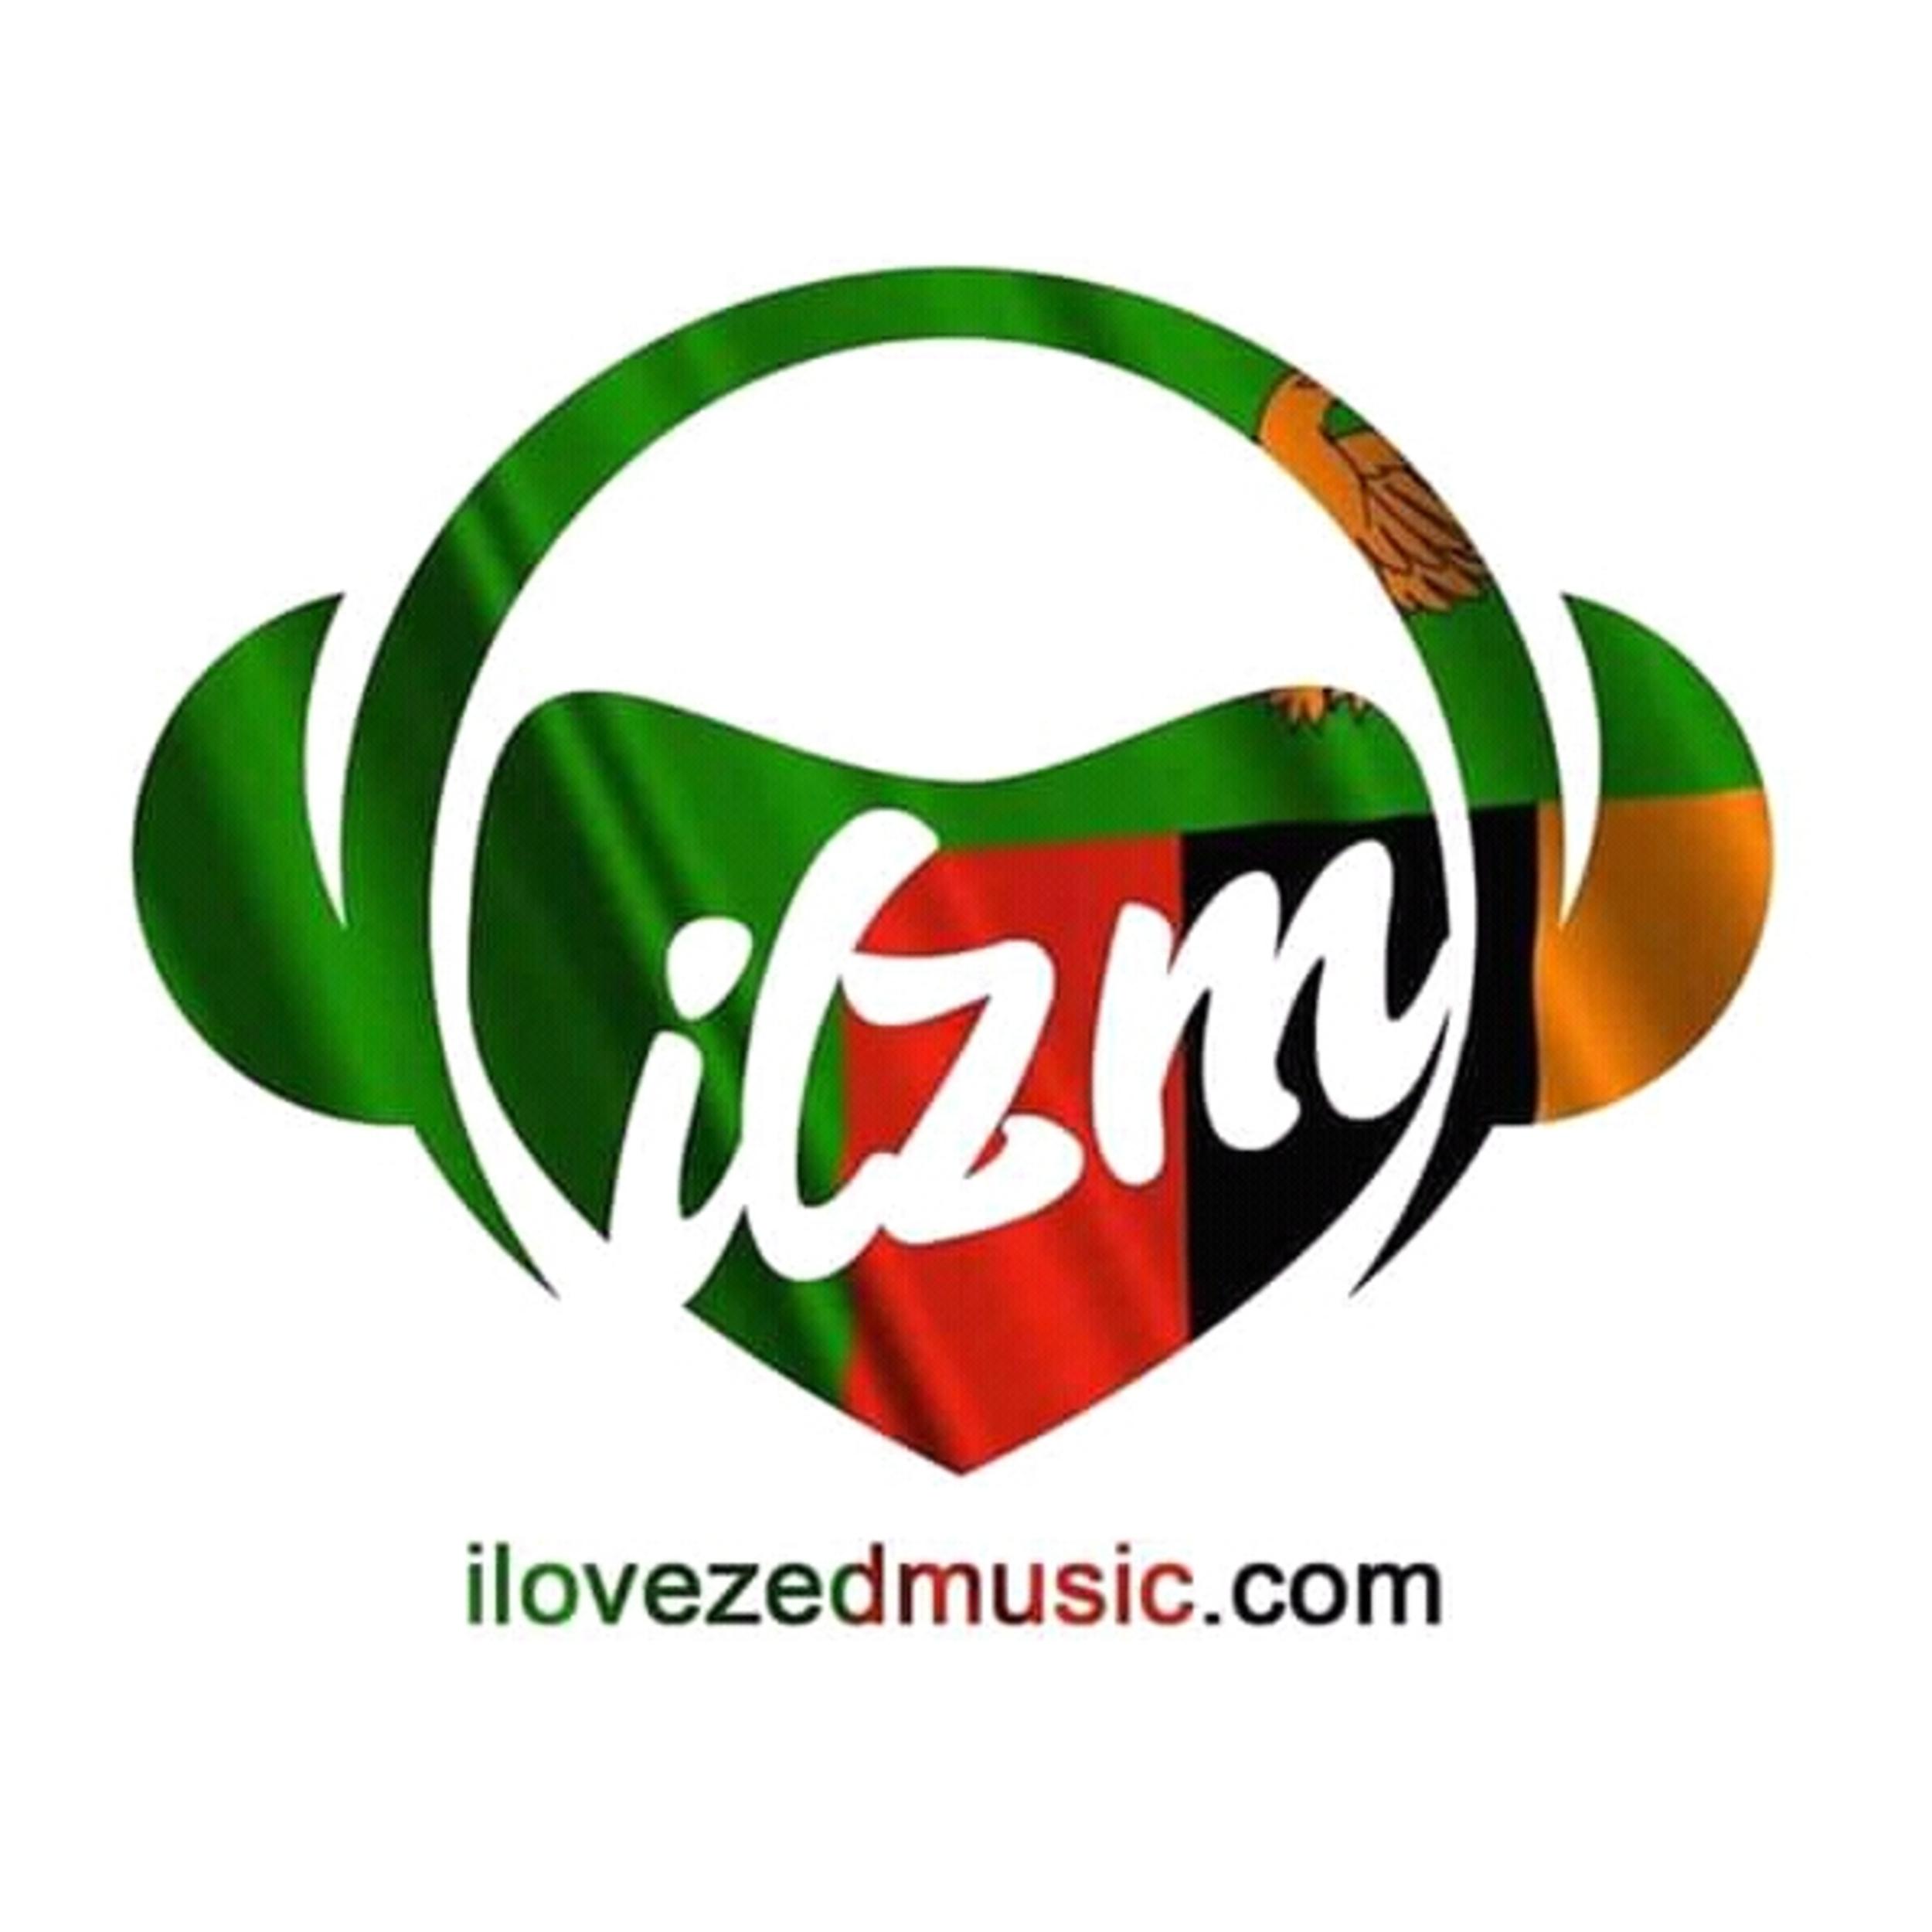 I Love Zed Music